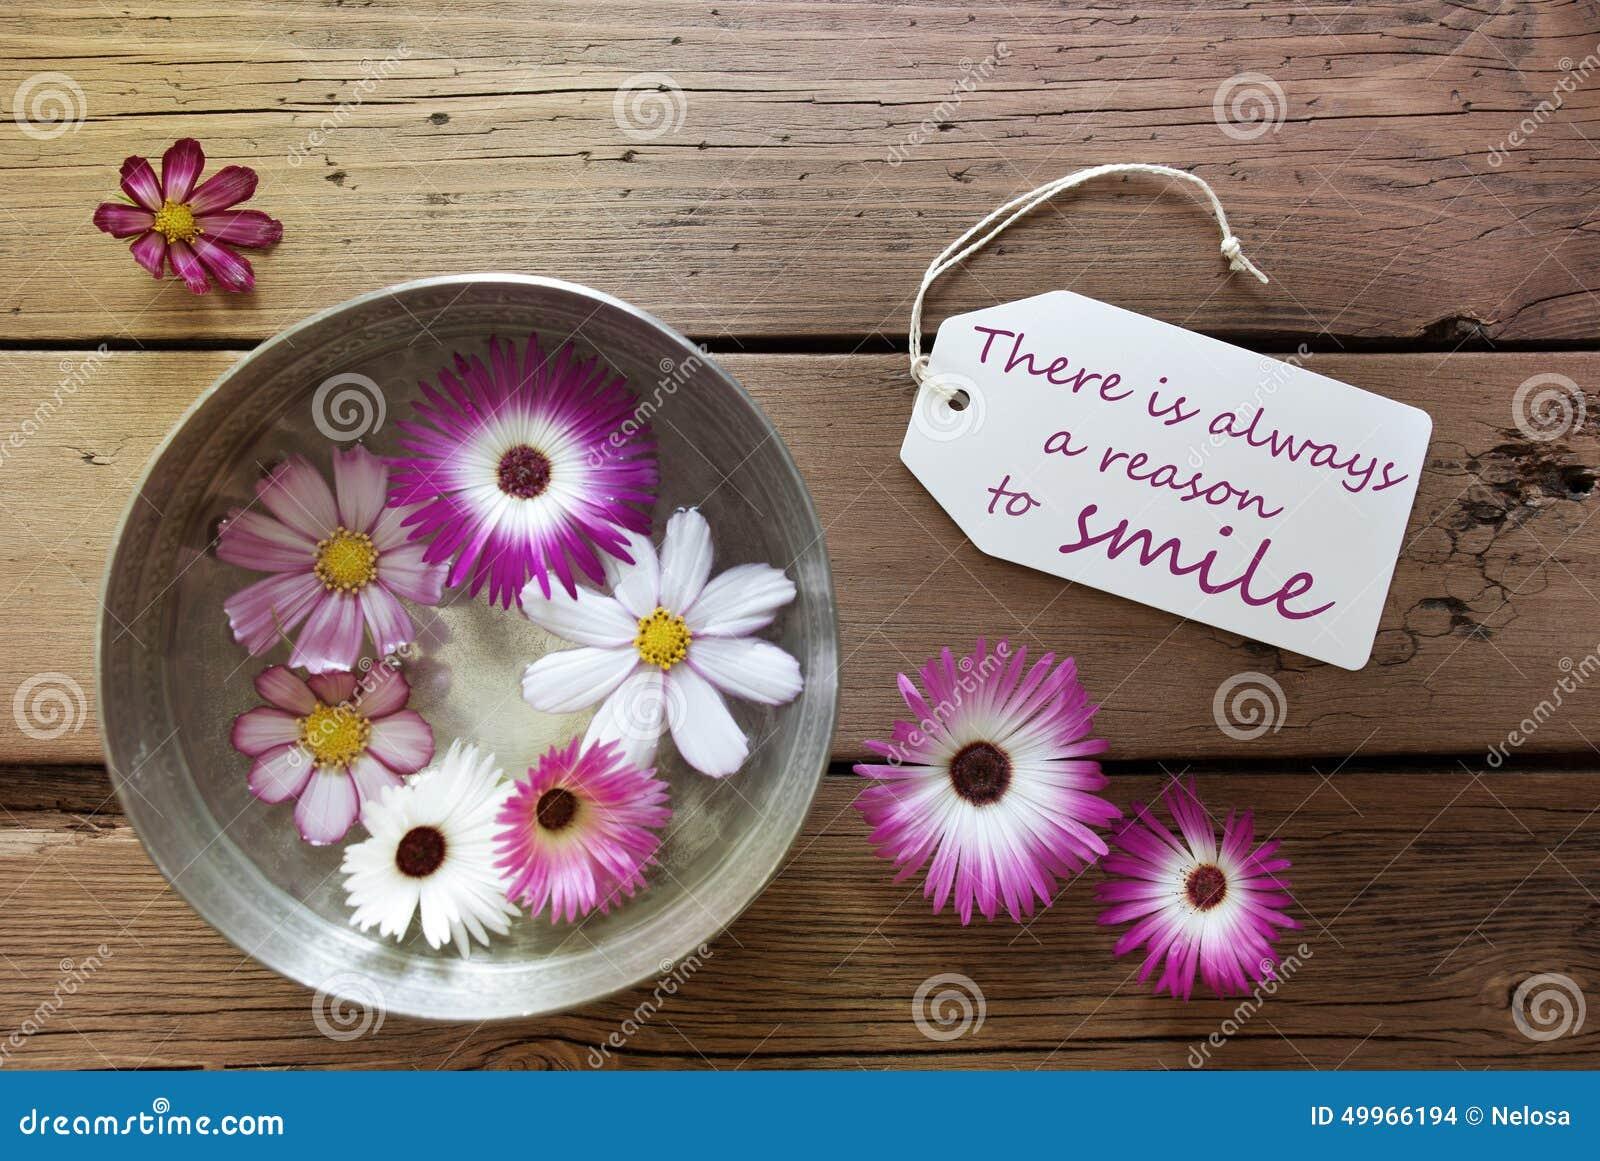 Ασημένιο κύπελλο με τα άνθη Cosmea με το απόσπασμα ζωής υπάρχει πάντα ένας λόγος να χαμογελάσει